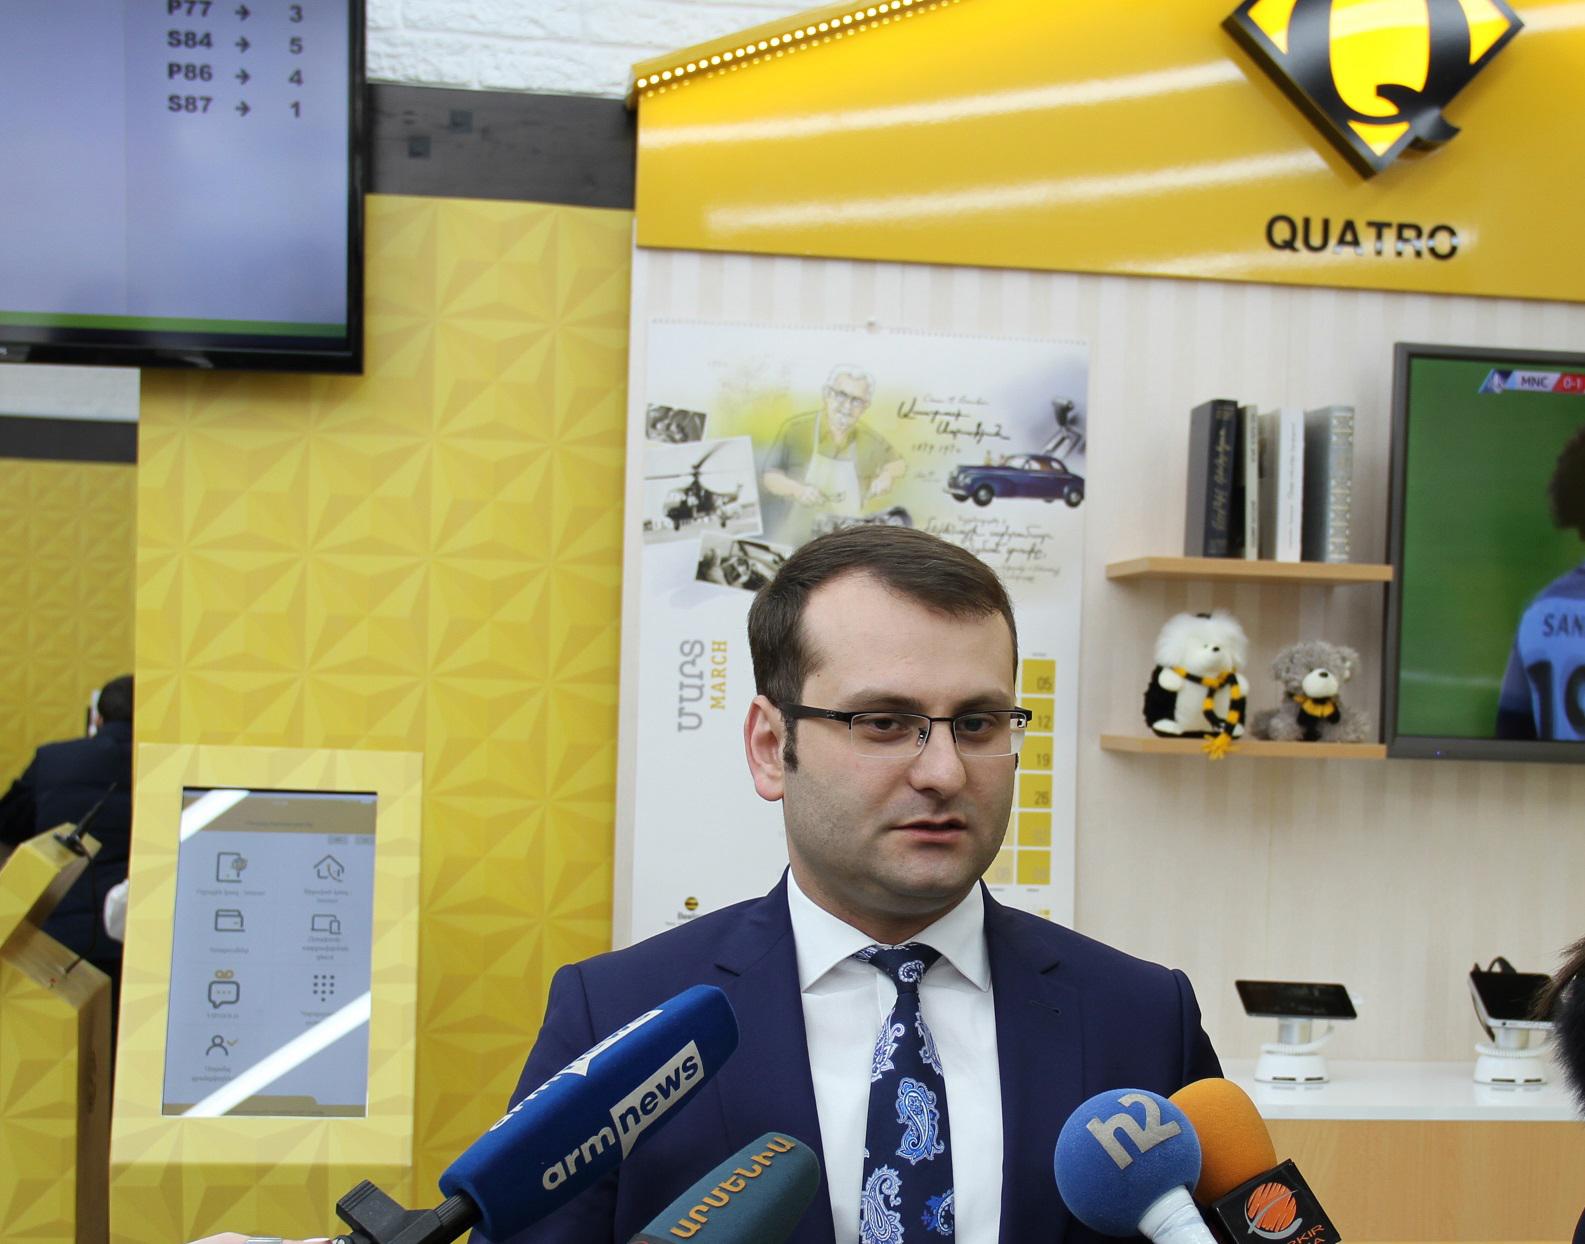 Beeline. Բջջային հեռուստատեսություն` Հայաստանի  բջջային կապի բոլոր բաժանորդների համար